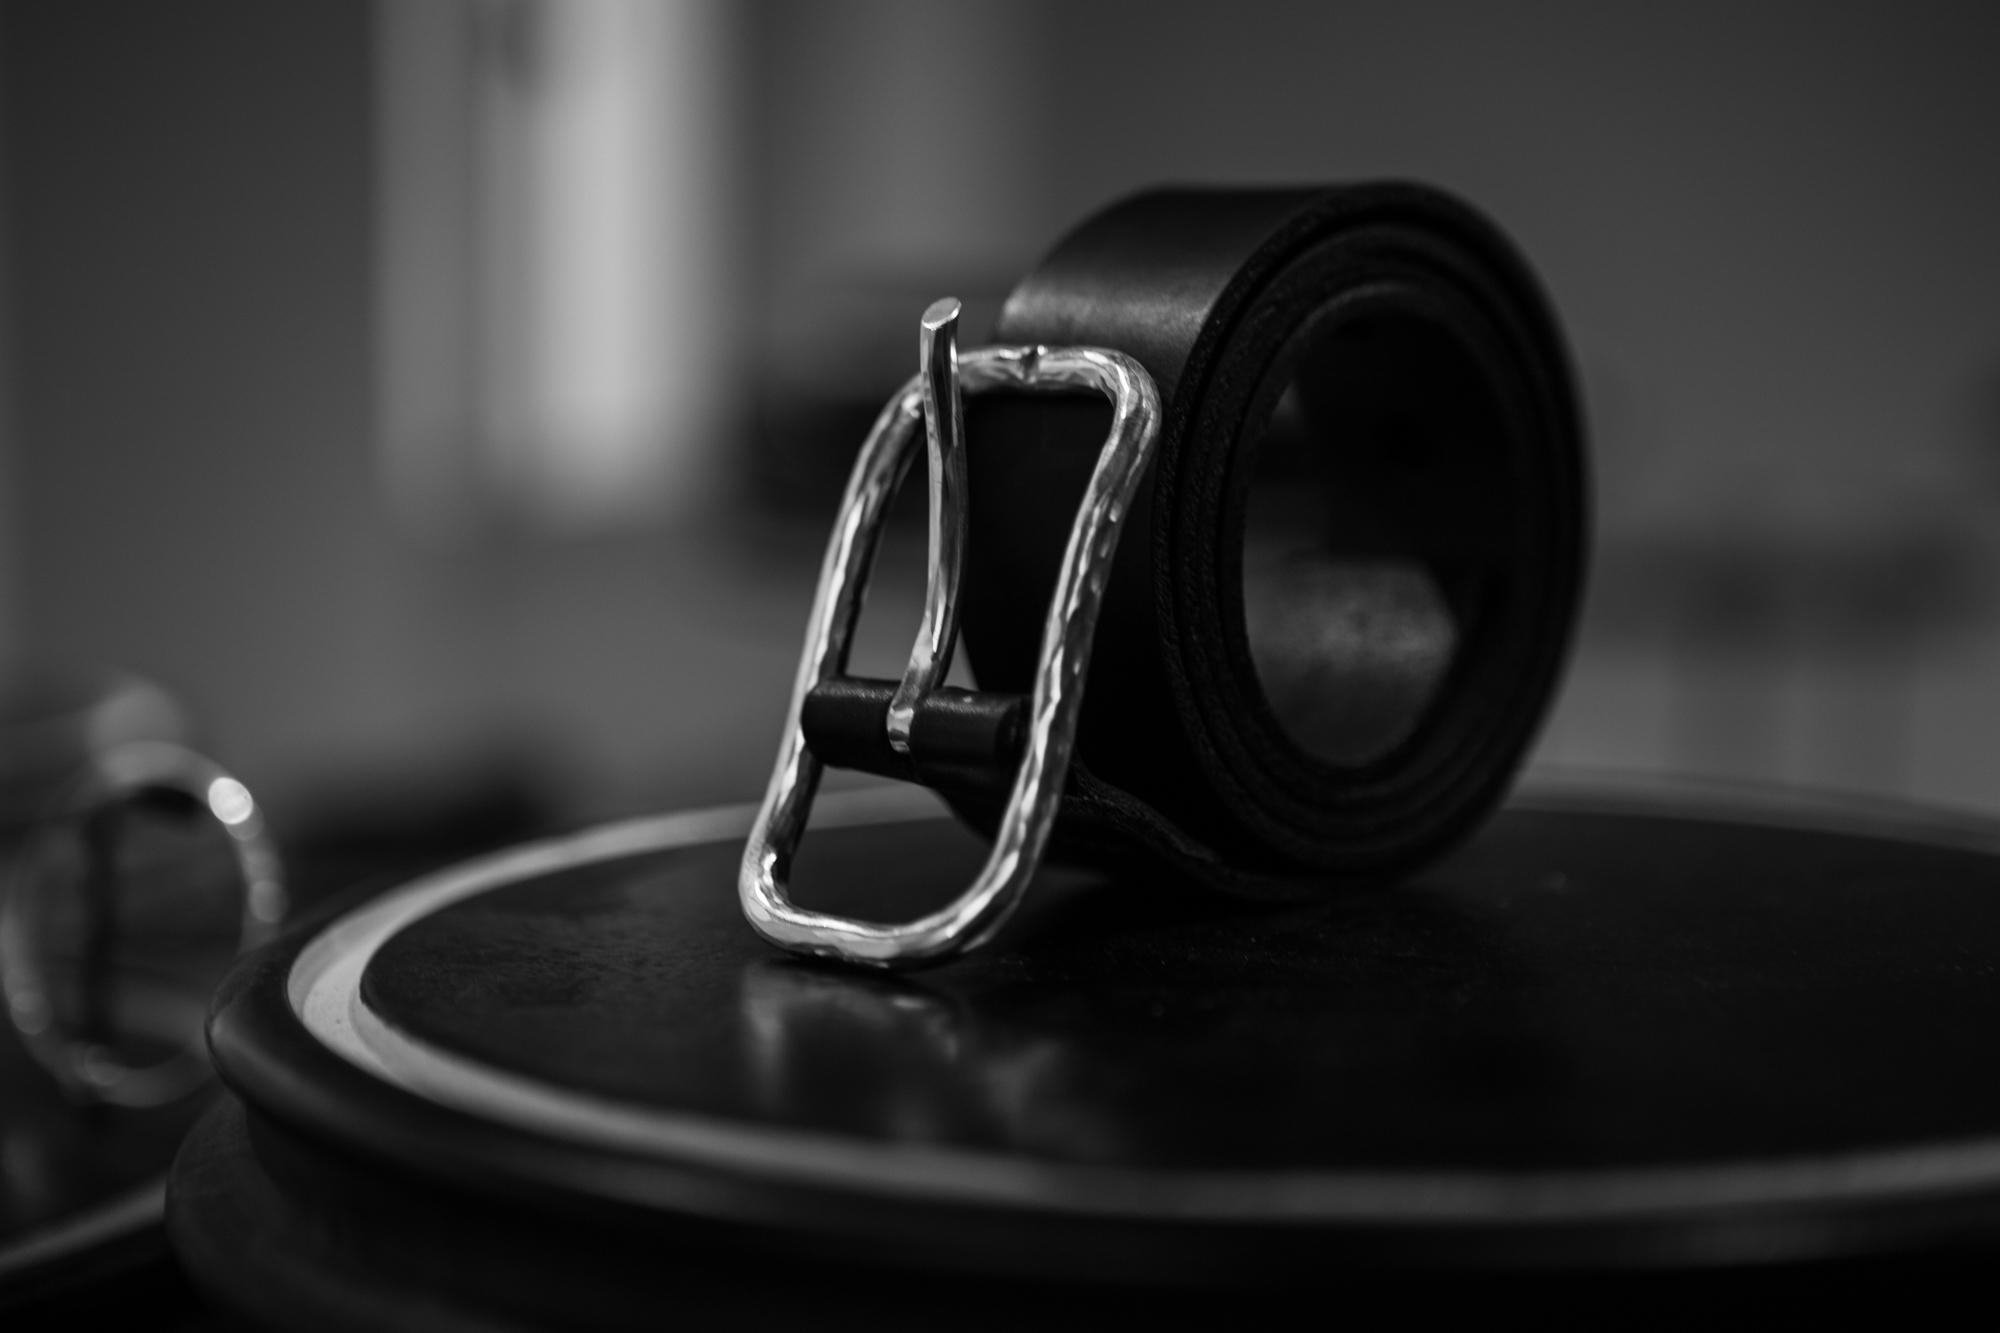 WERKSTATT:MÜNCHEN SHOWROOM Hammered Sterling Silver Buckle Leather Belt FW20